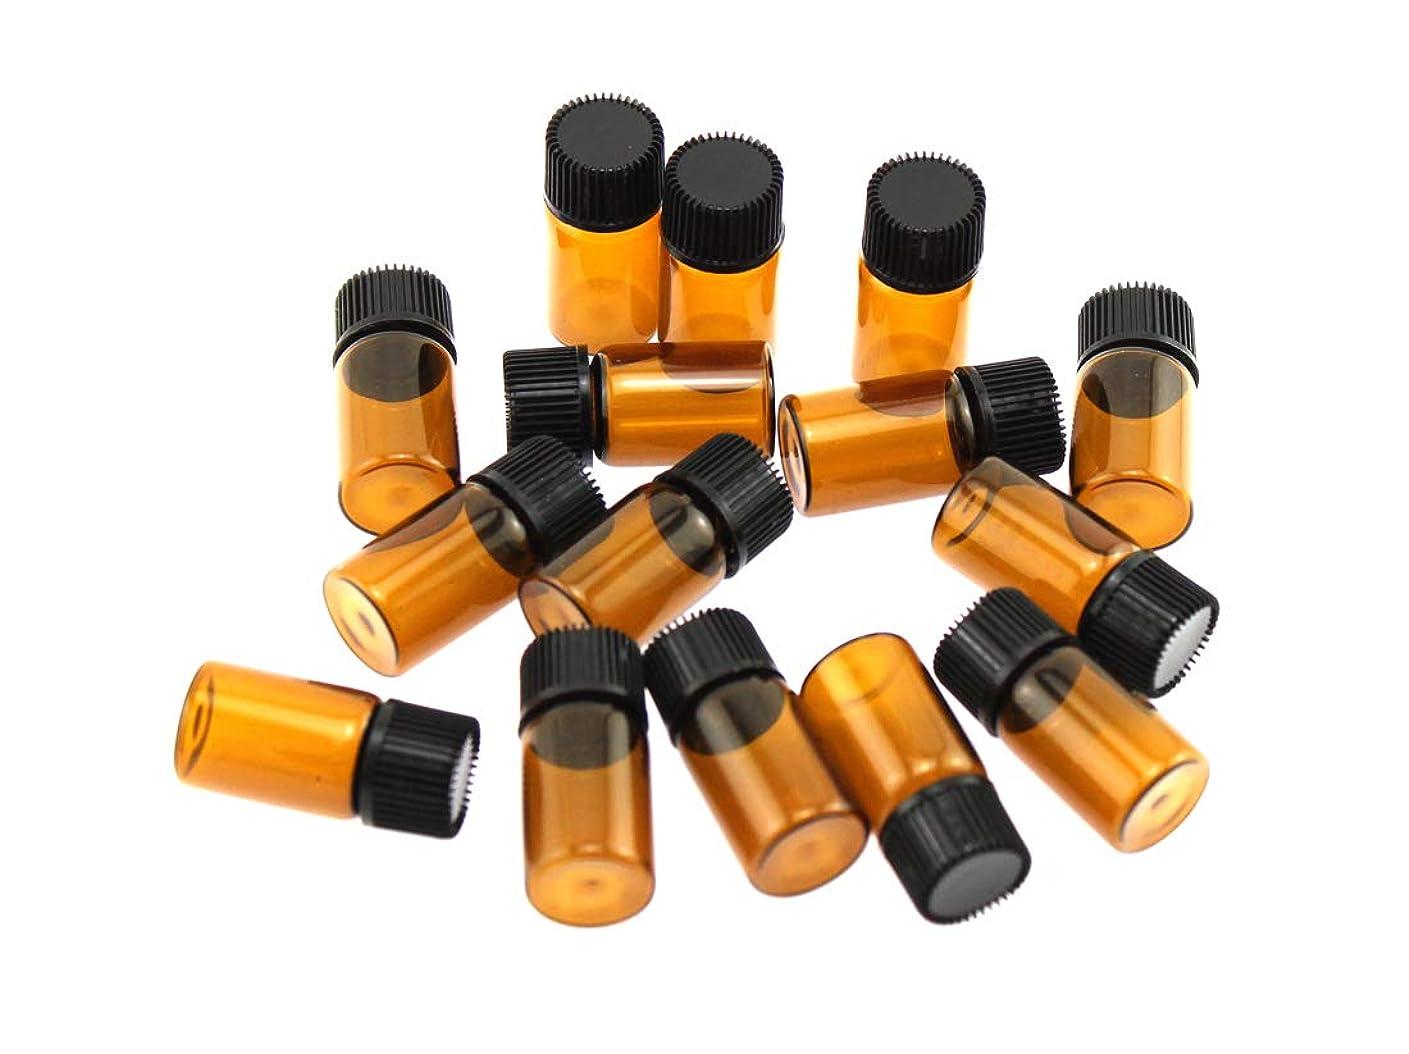 壁副産物エキゾチックOlive-G アロマオイル エッセンシャルオイル 保存 小分け用 ガラスボトル 遮光タイプ 15本セット ブラウン